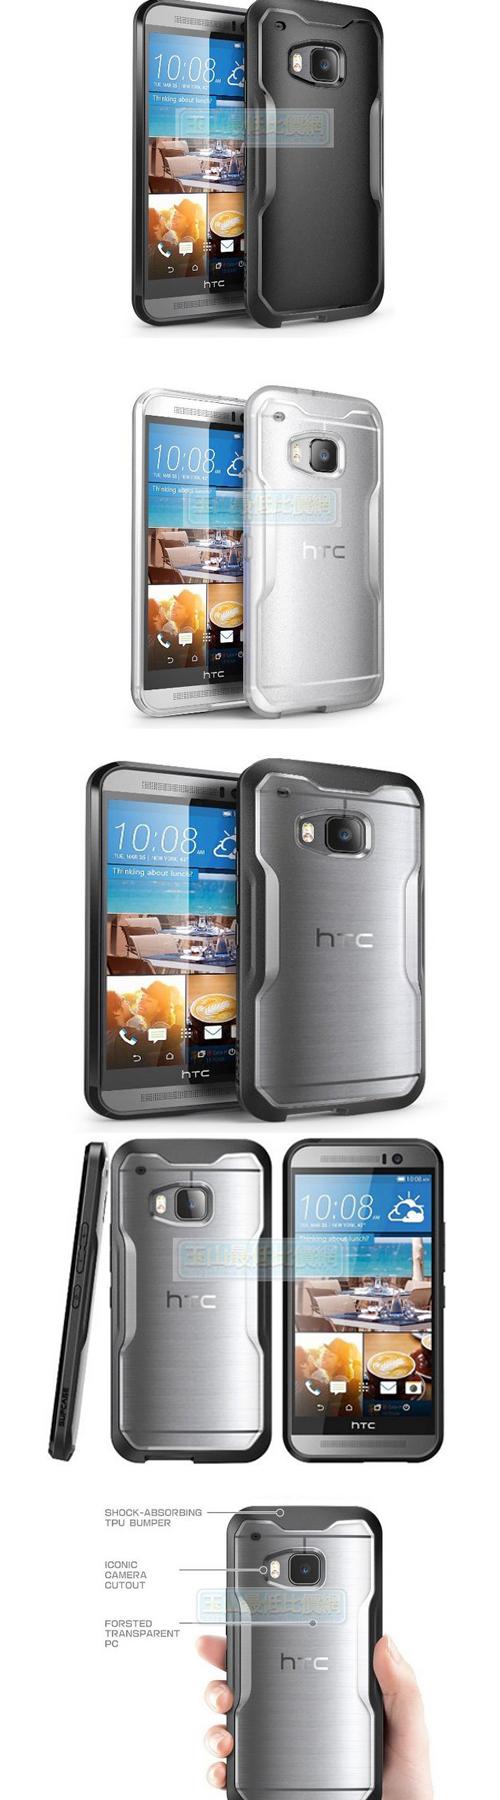 [104美國直購] 防塵防撞保護殼 三色可選 HTC ONE M9 TPU PC SUPCASE Unicorn Beetle Series Premium Hybrid Protective Clear